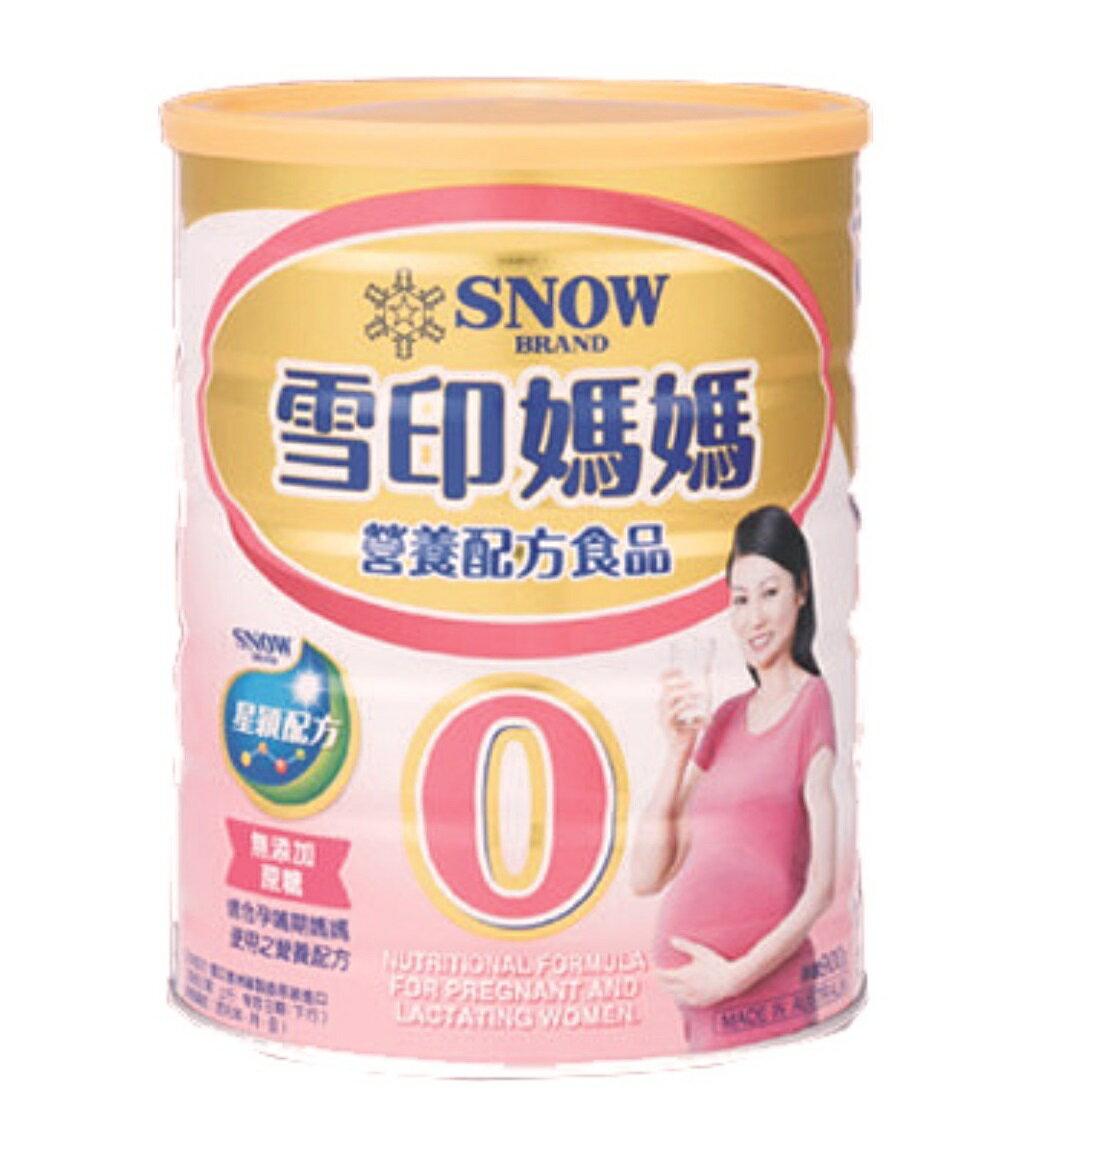 雪印 雪印媽媽營養配方(900g)